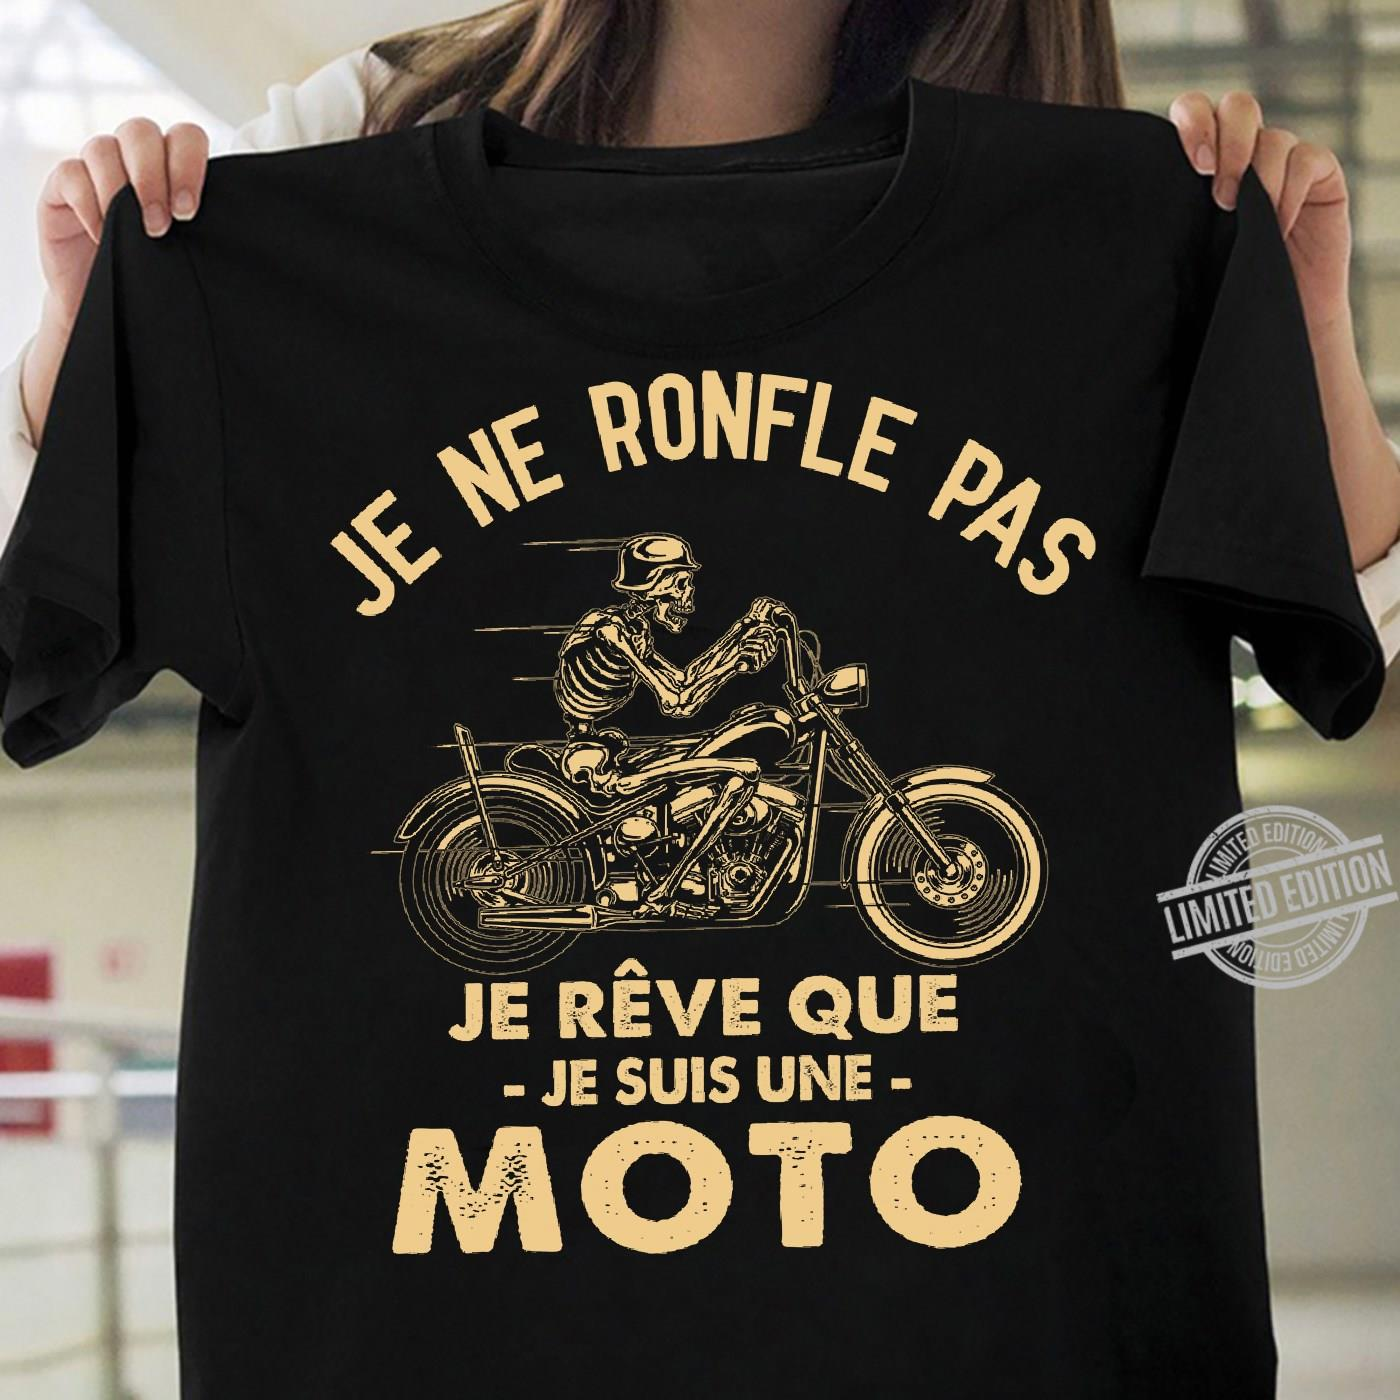 Je Ne Ronfle Pas Je Reve Que Je Suis Une Moto Shirt